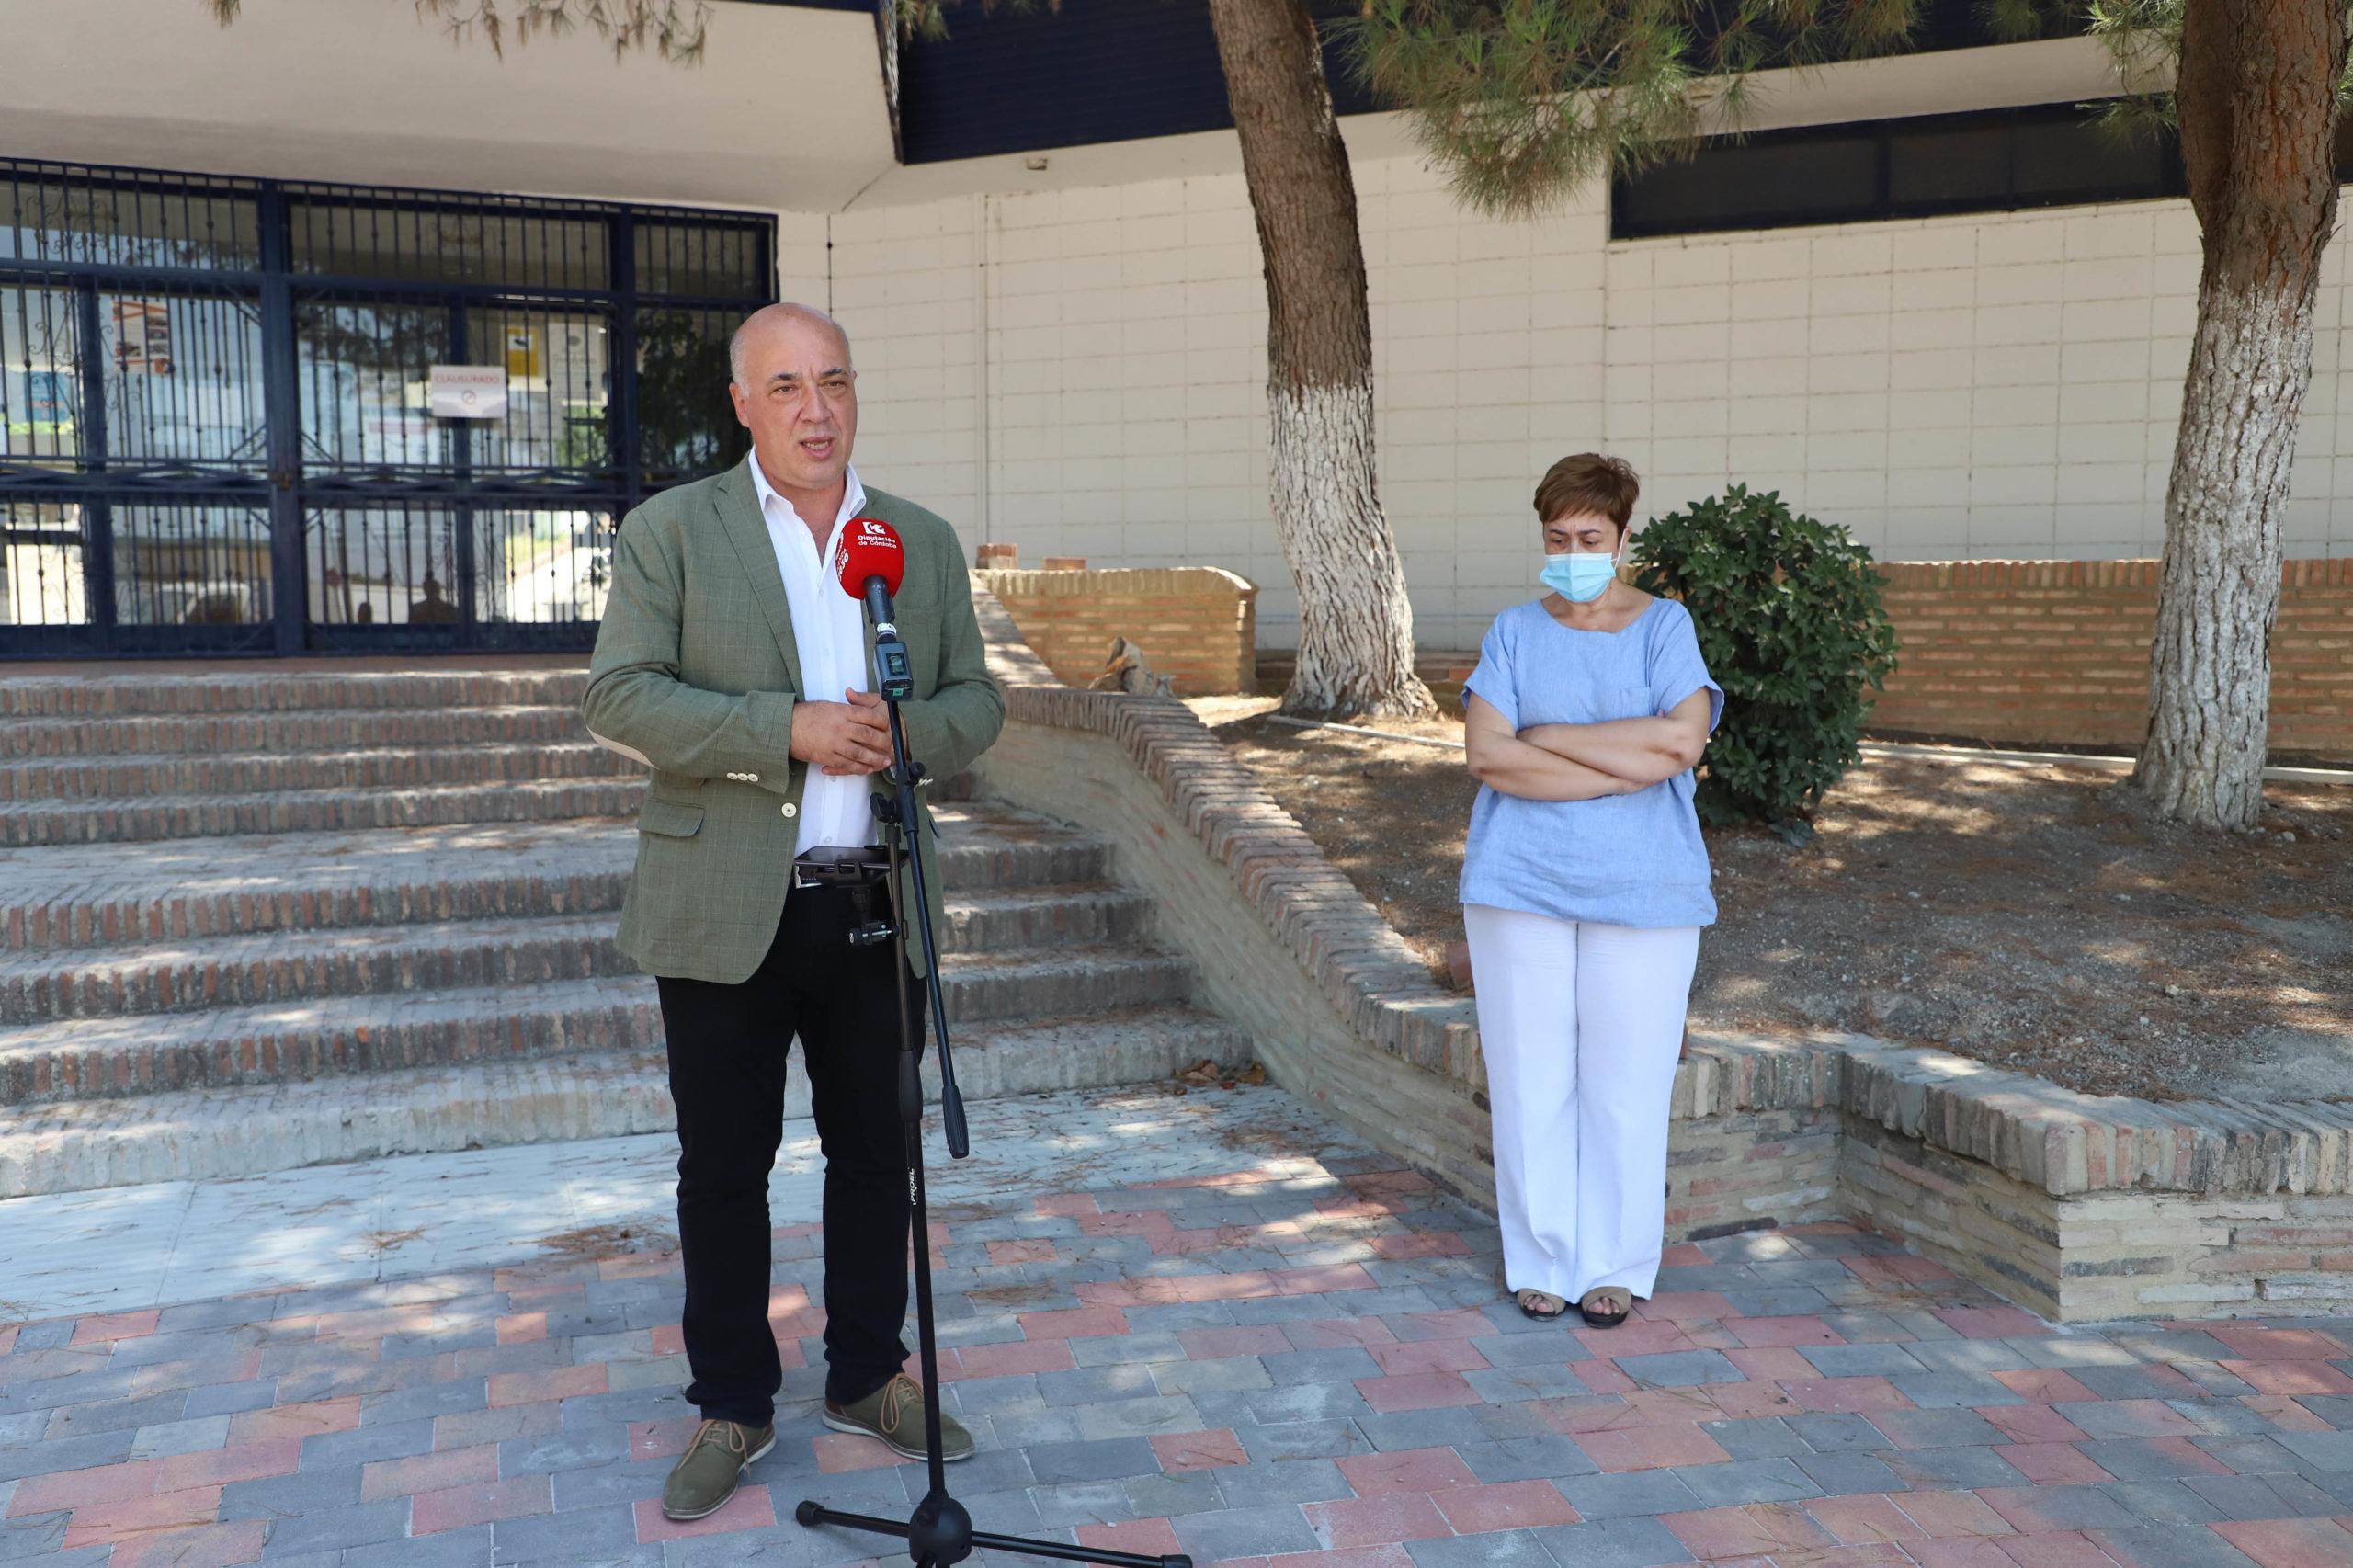 La Diputación de Córdoba y el Ayuntamiento de Moriles trabajan juntos en la reforma de la piscina municipal